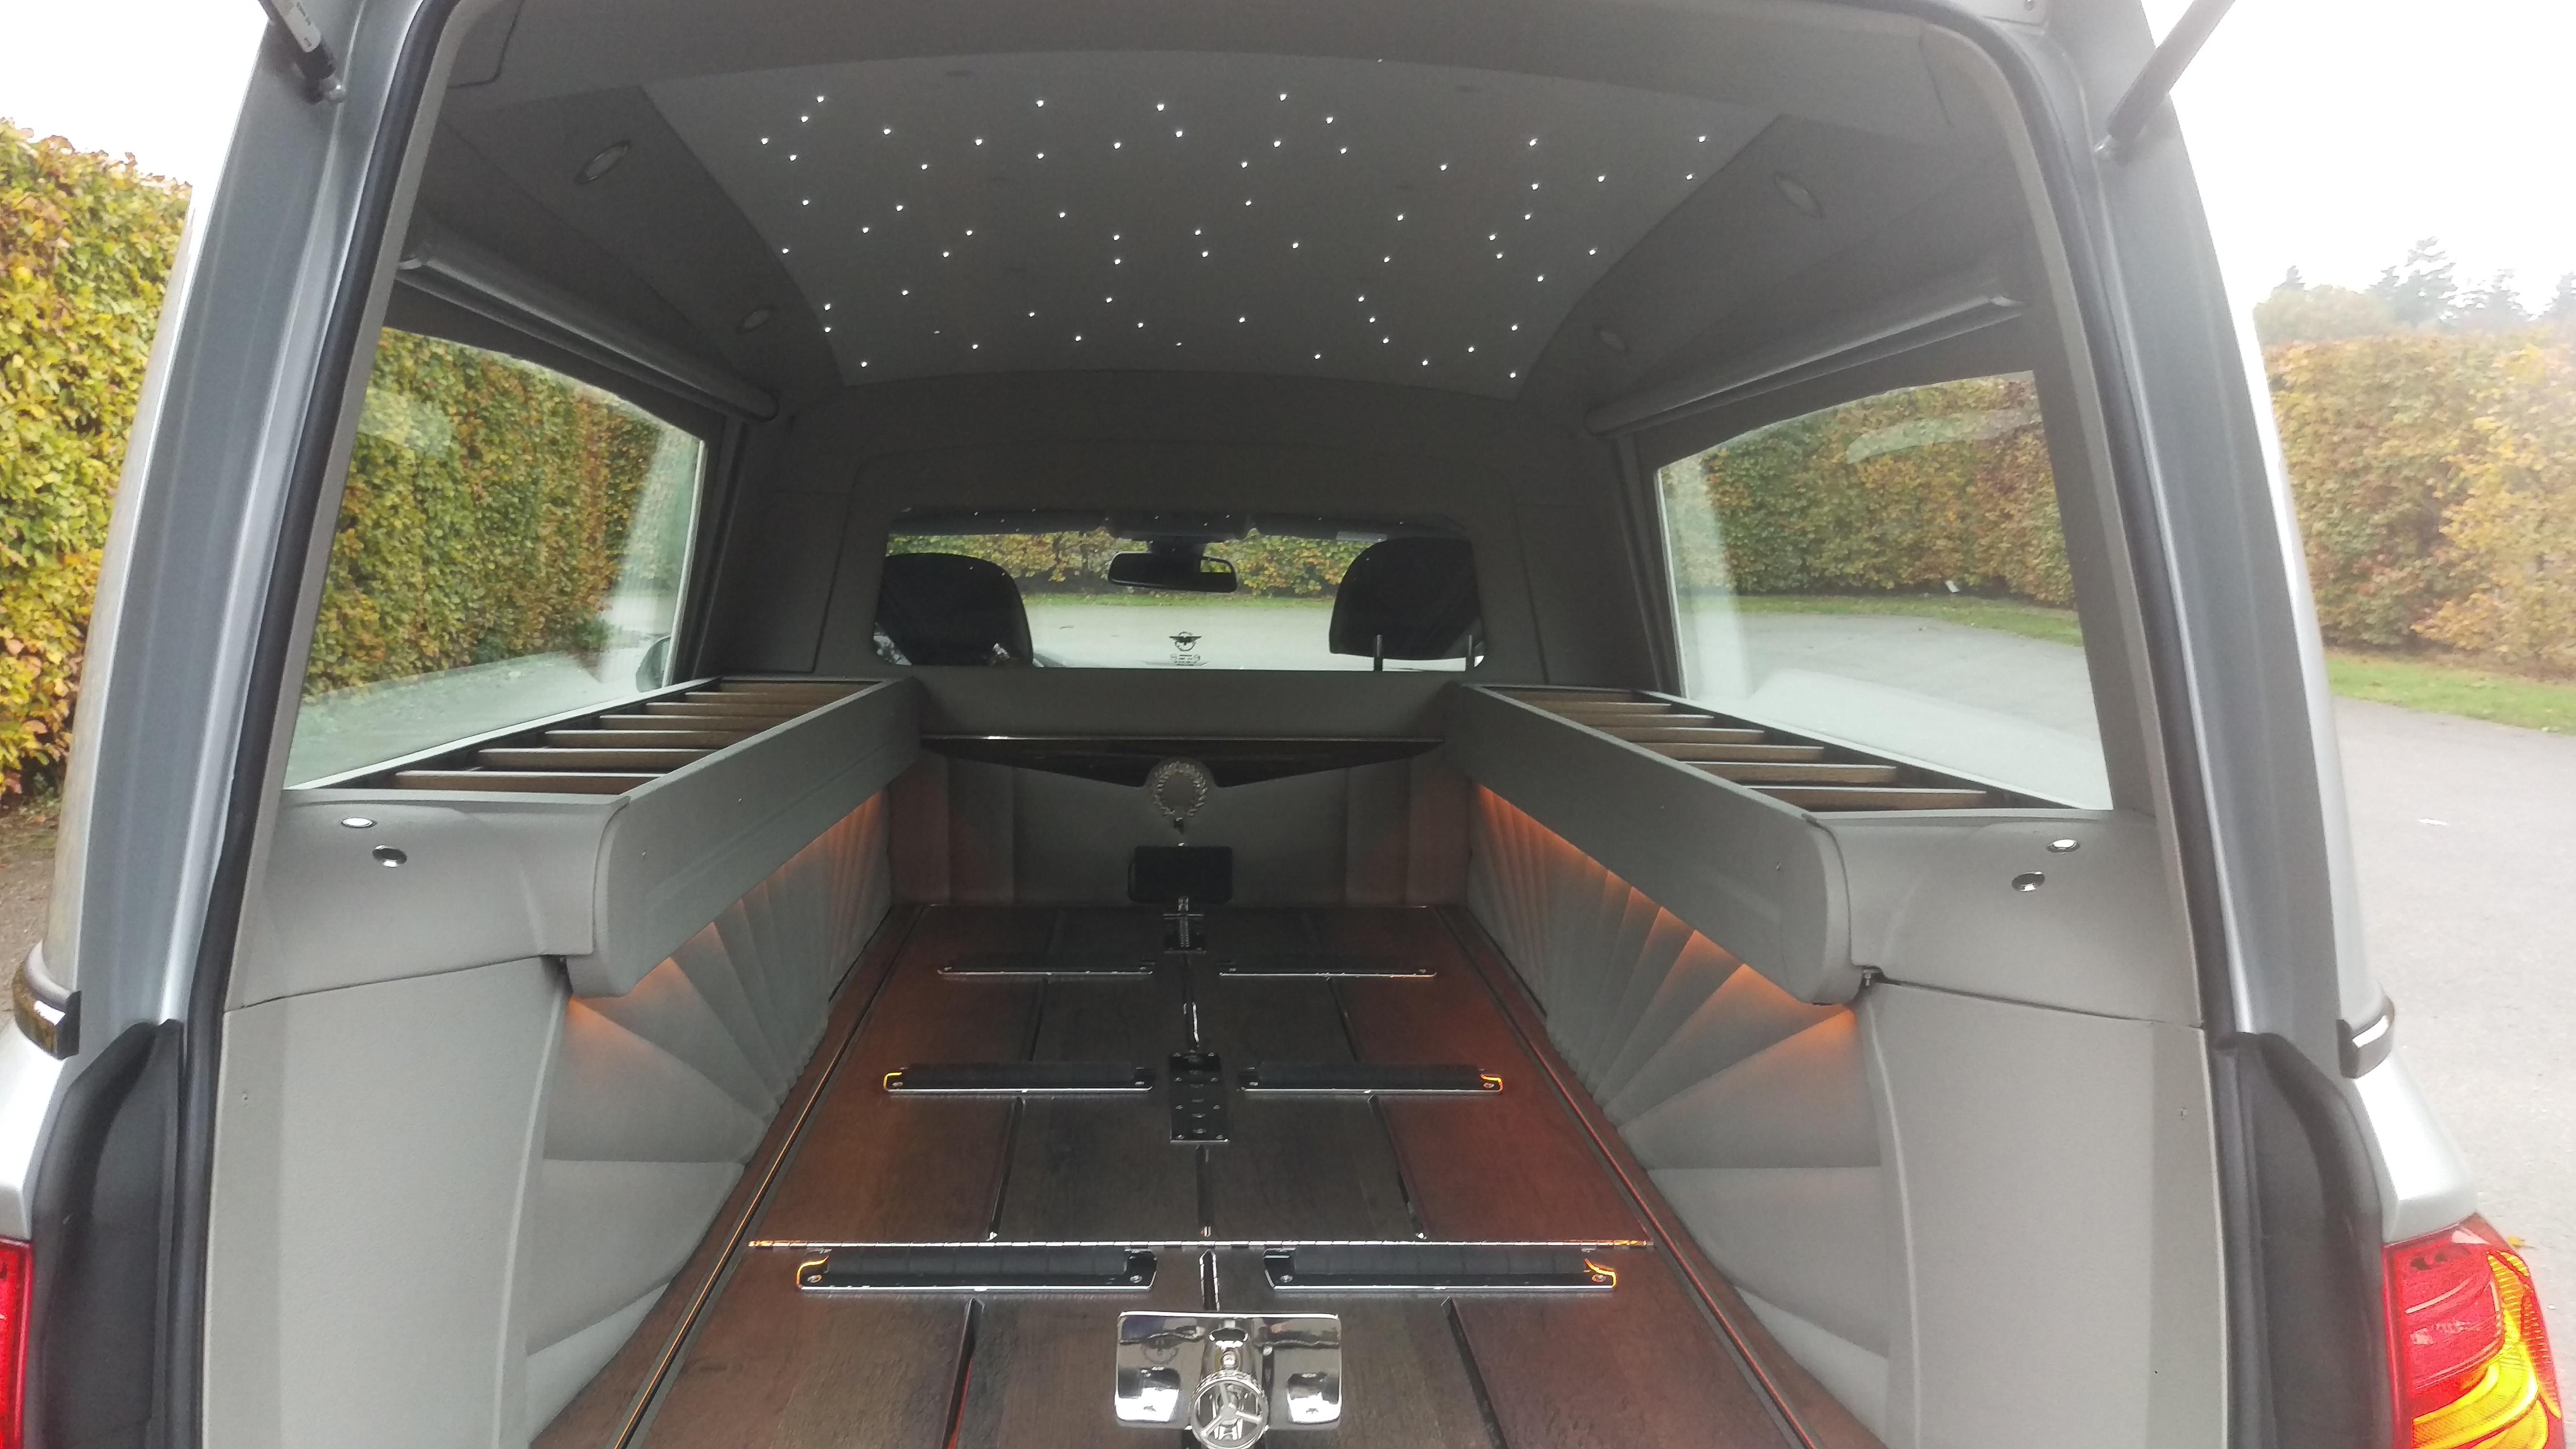 BMW Hybride Rouwauto 2016